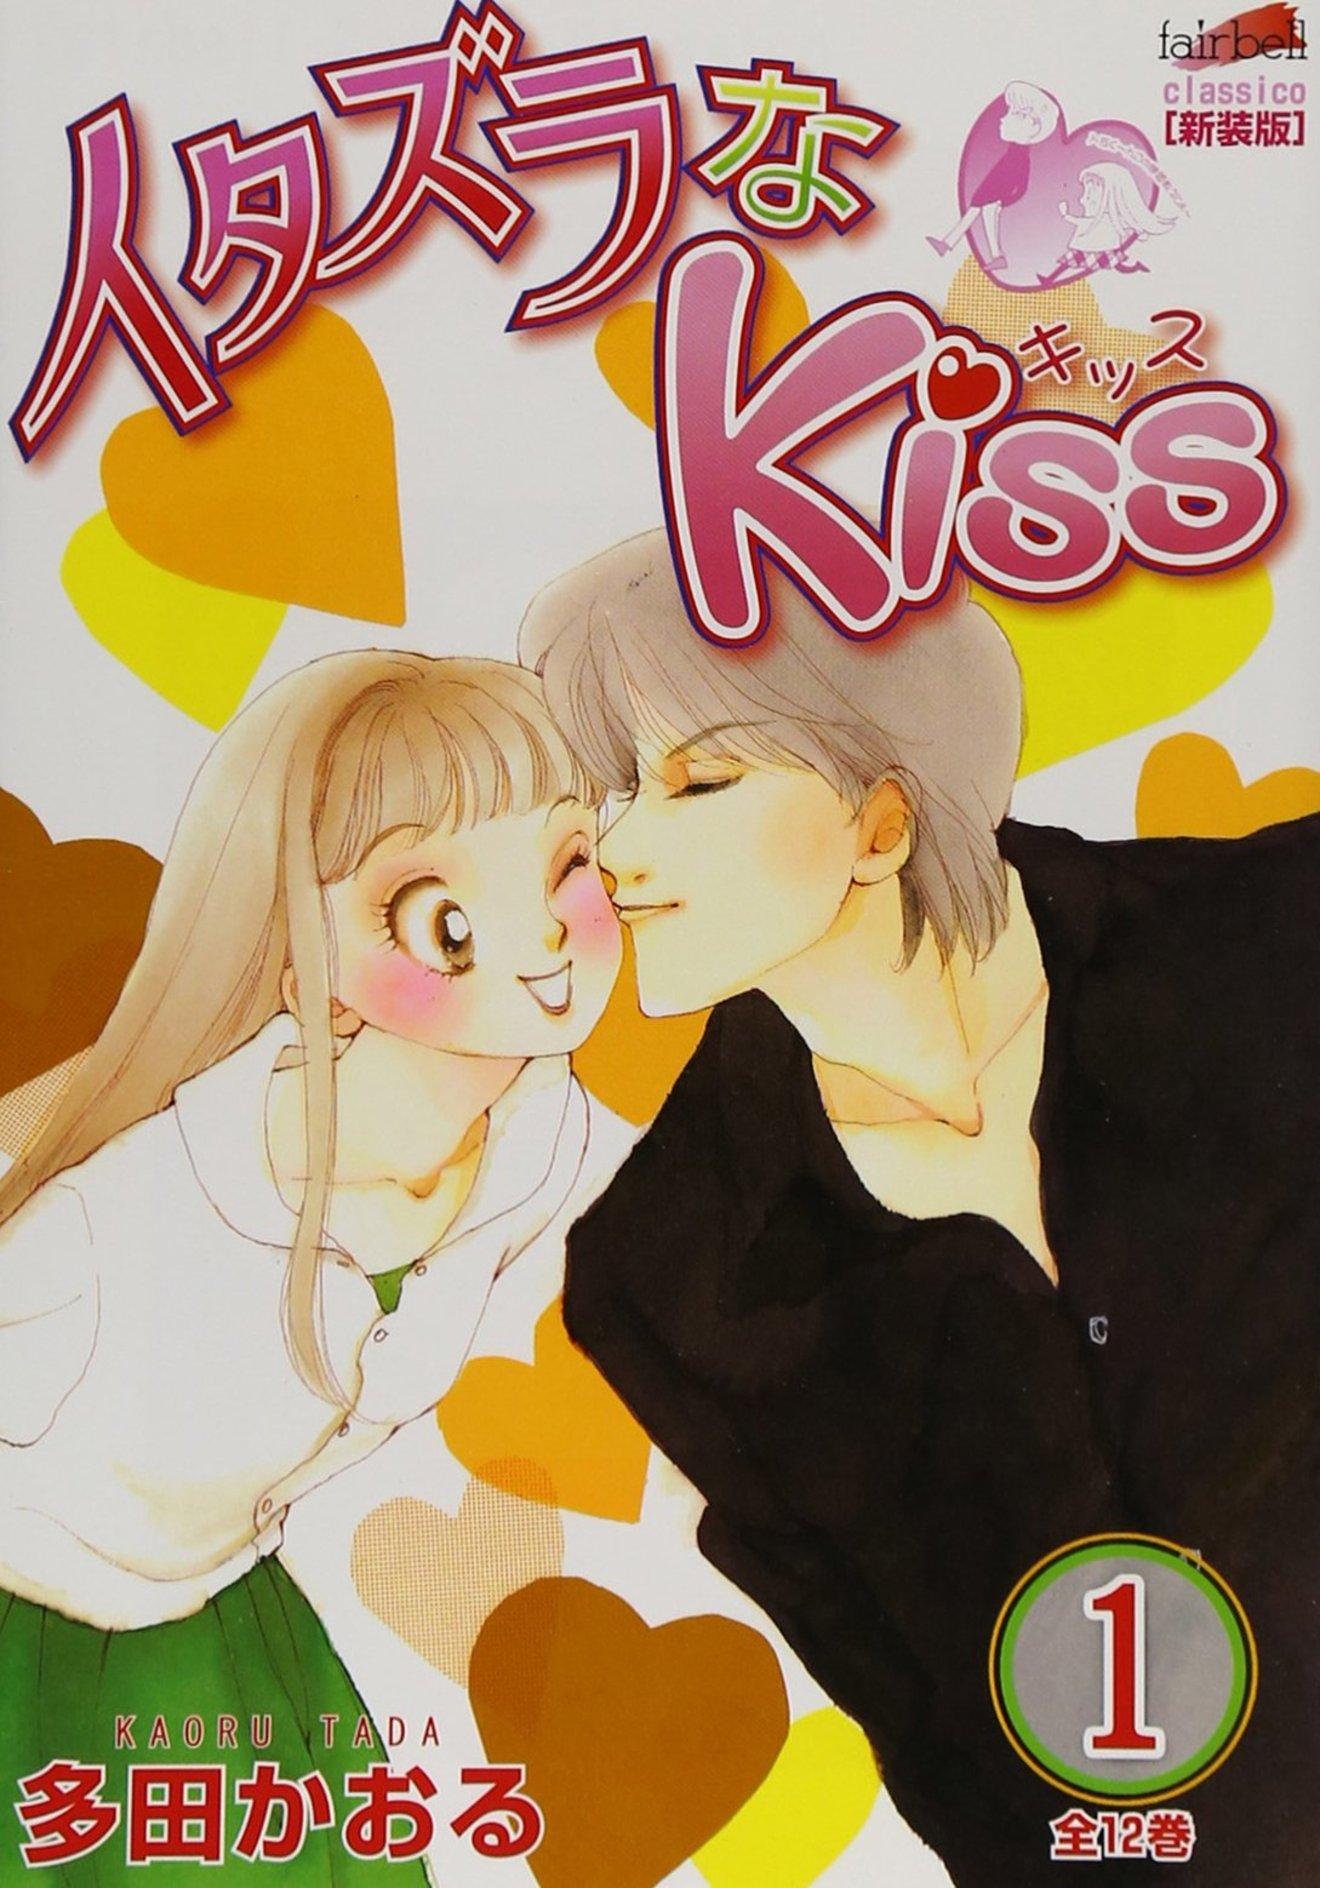 多田かおるのおすすめ漫画ランキングベスト5!『イタキス』の作者